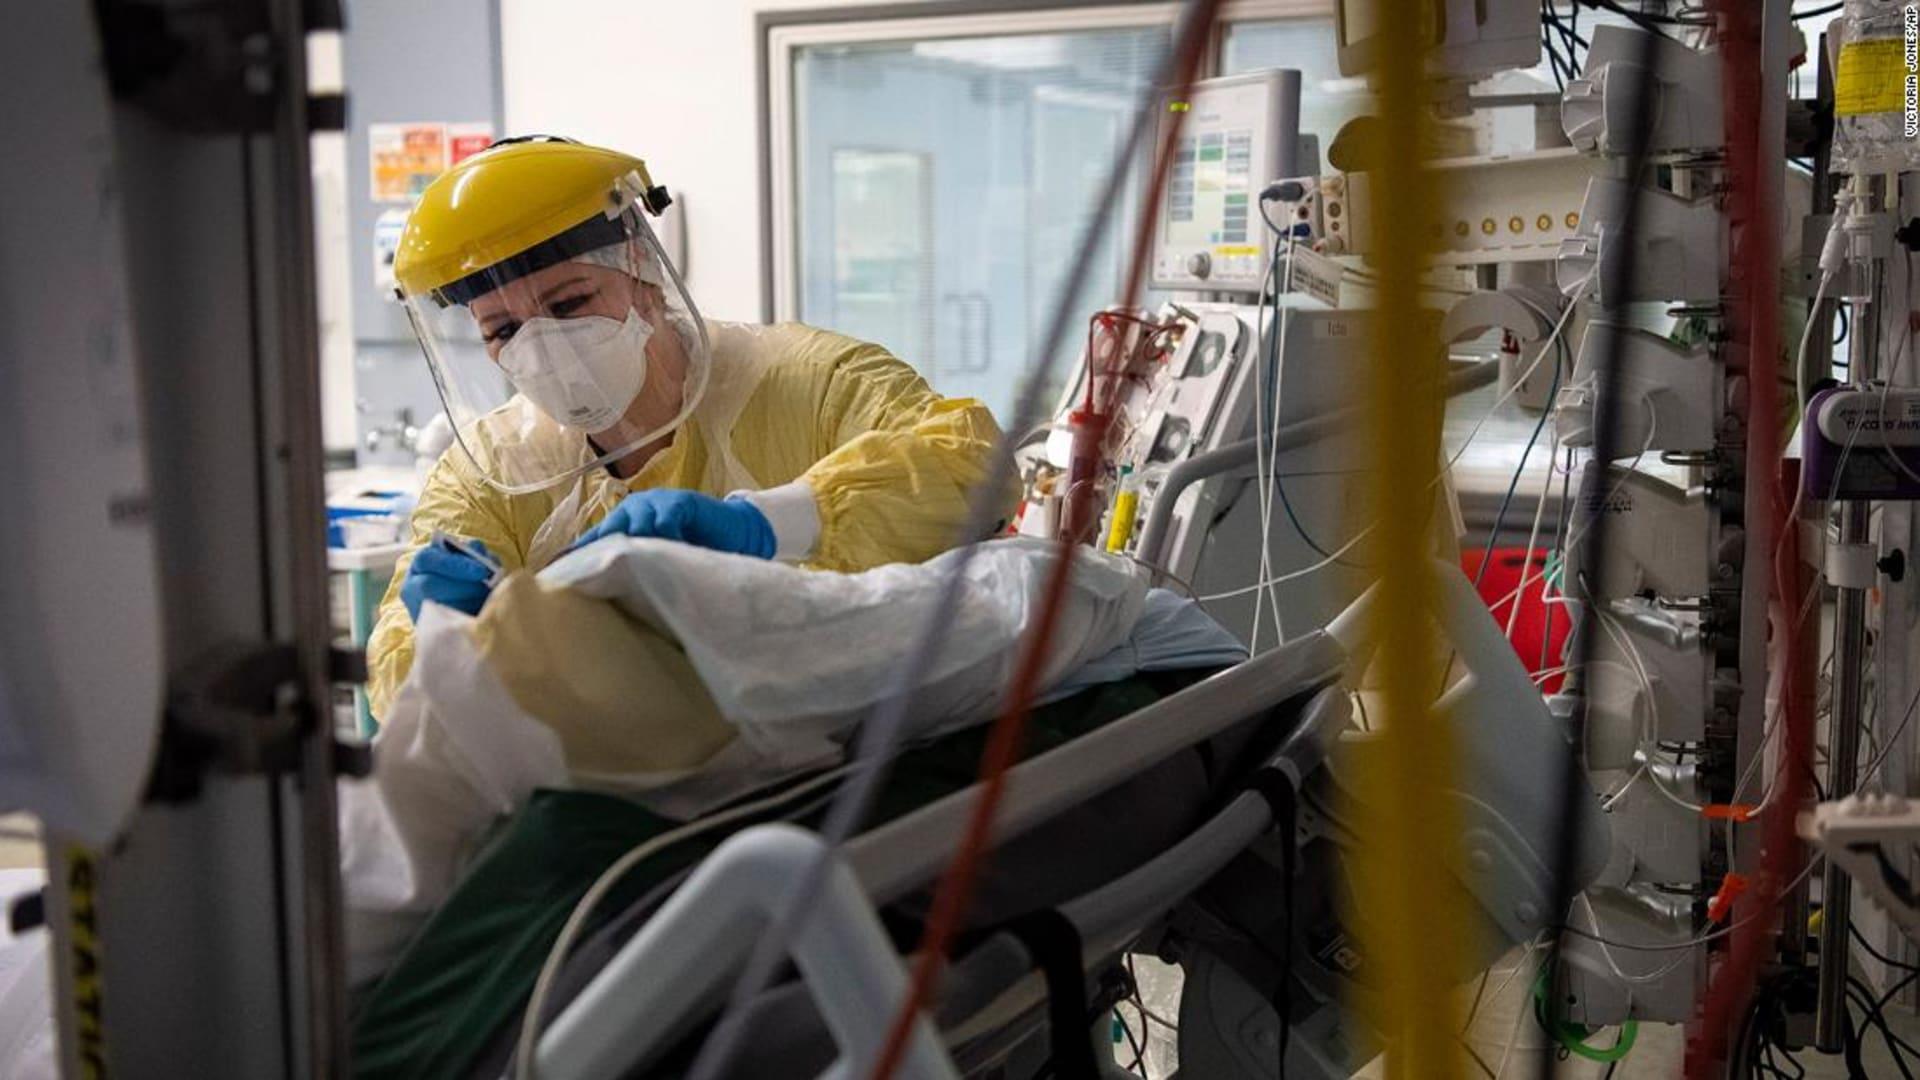 دراسة بريطانية توضح نسبة الحماية من الإصابة بالعدوى مرة أخرى بعد التعافي من كورونا